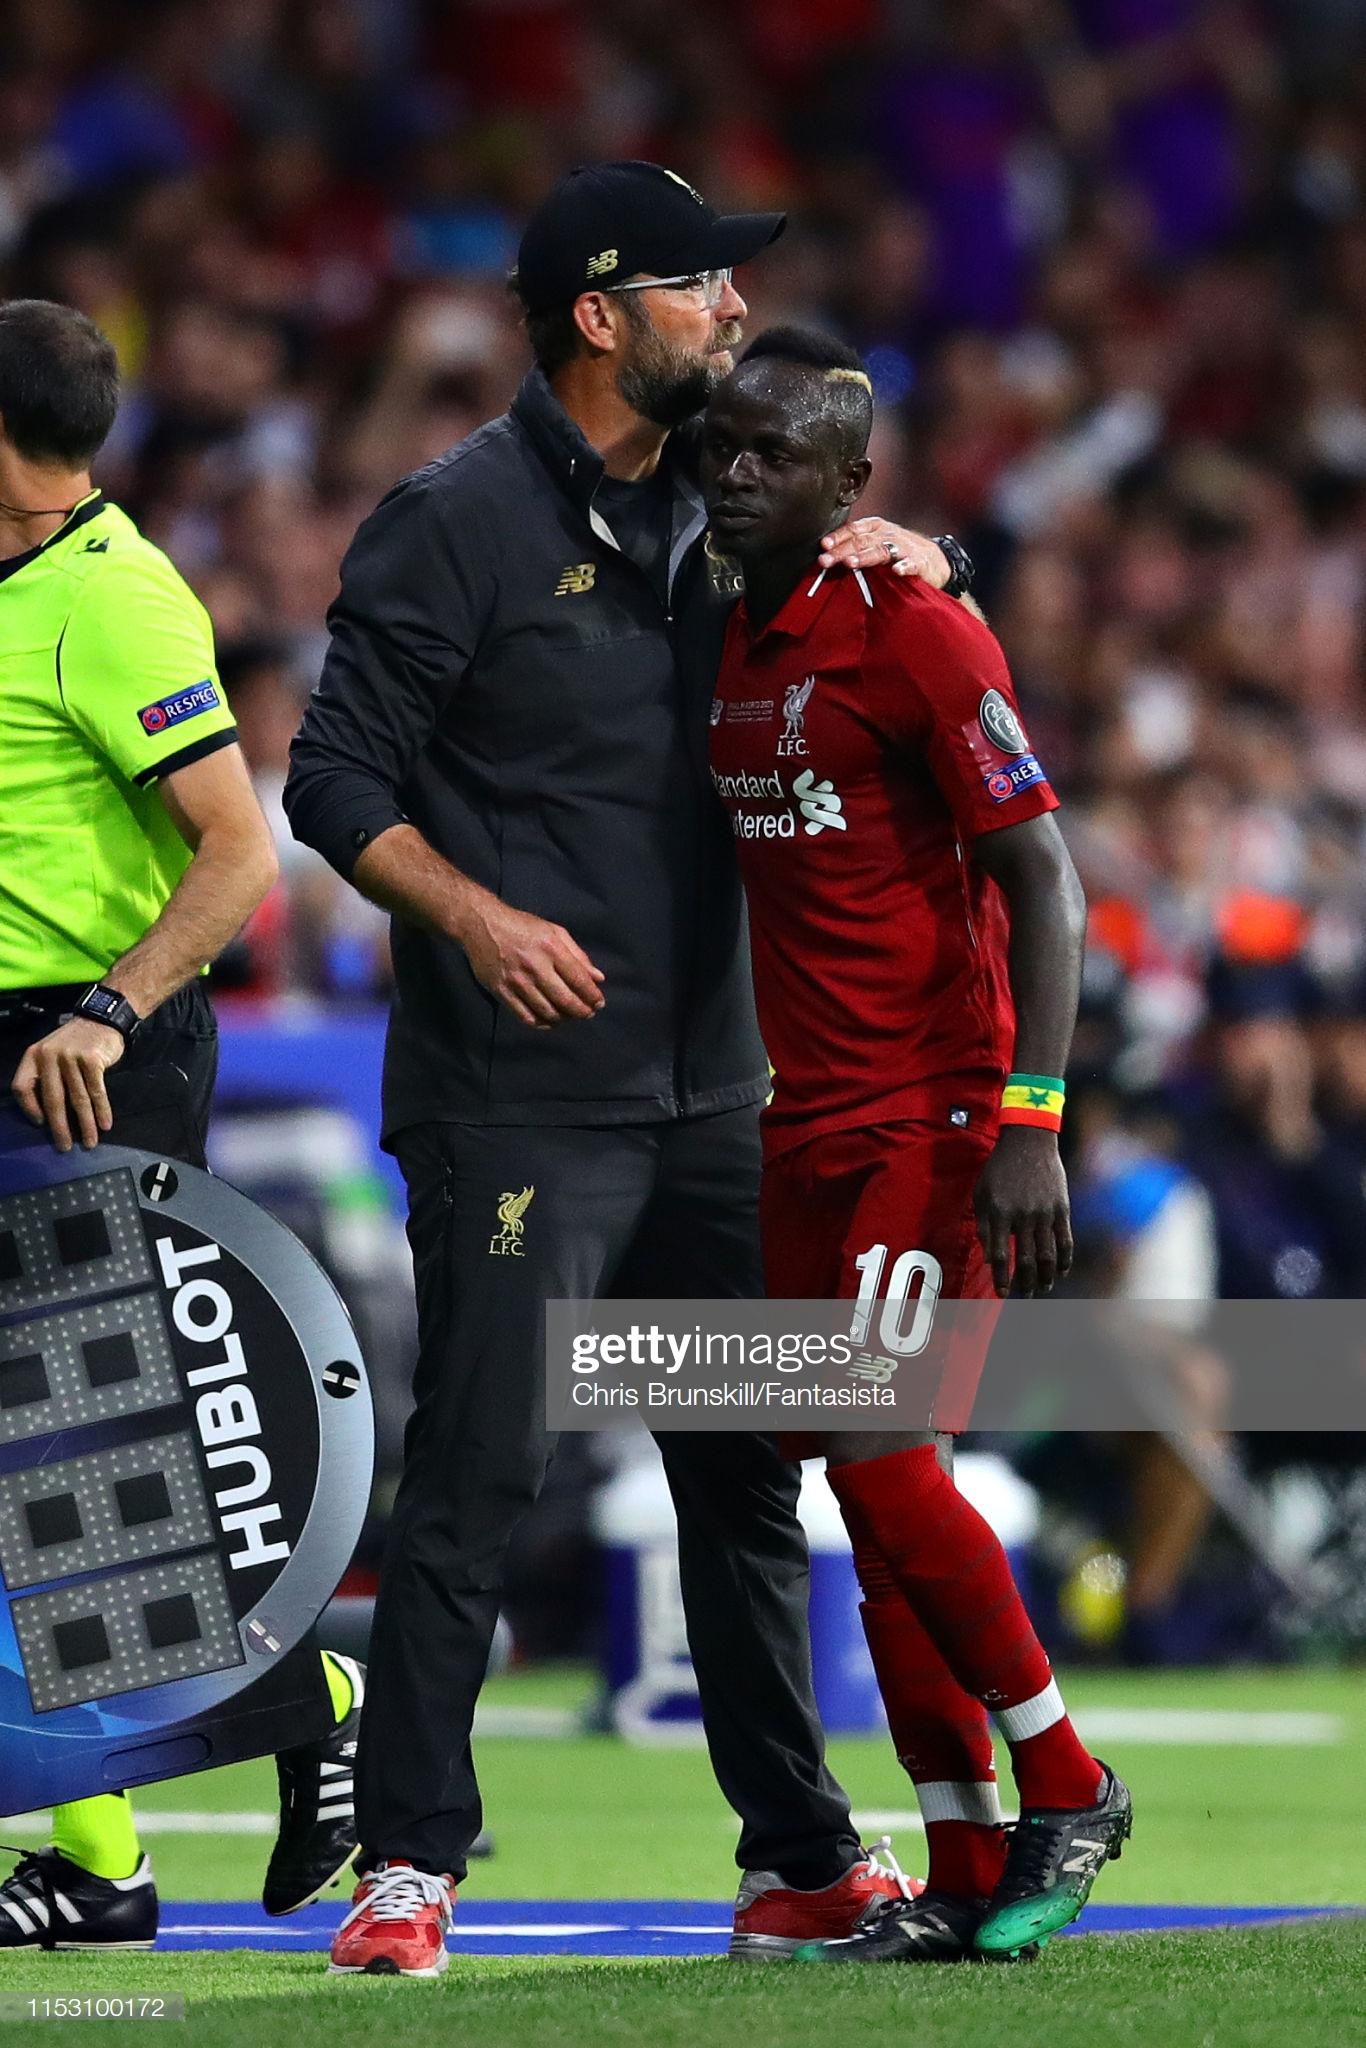 Sadio Mané et le Trophée de la Ligue des Champions avec son Club Liverpool (7)